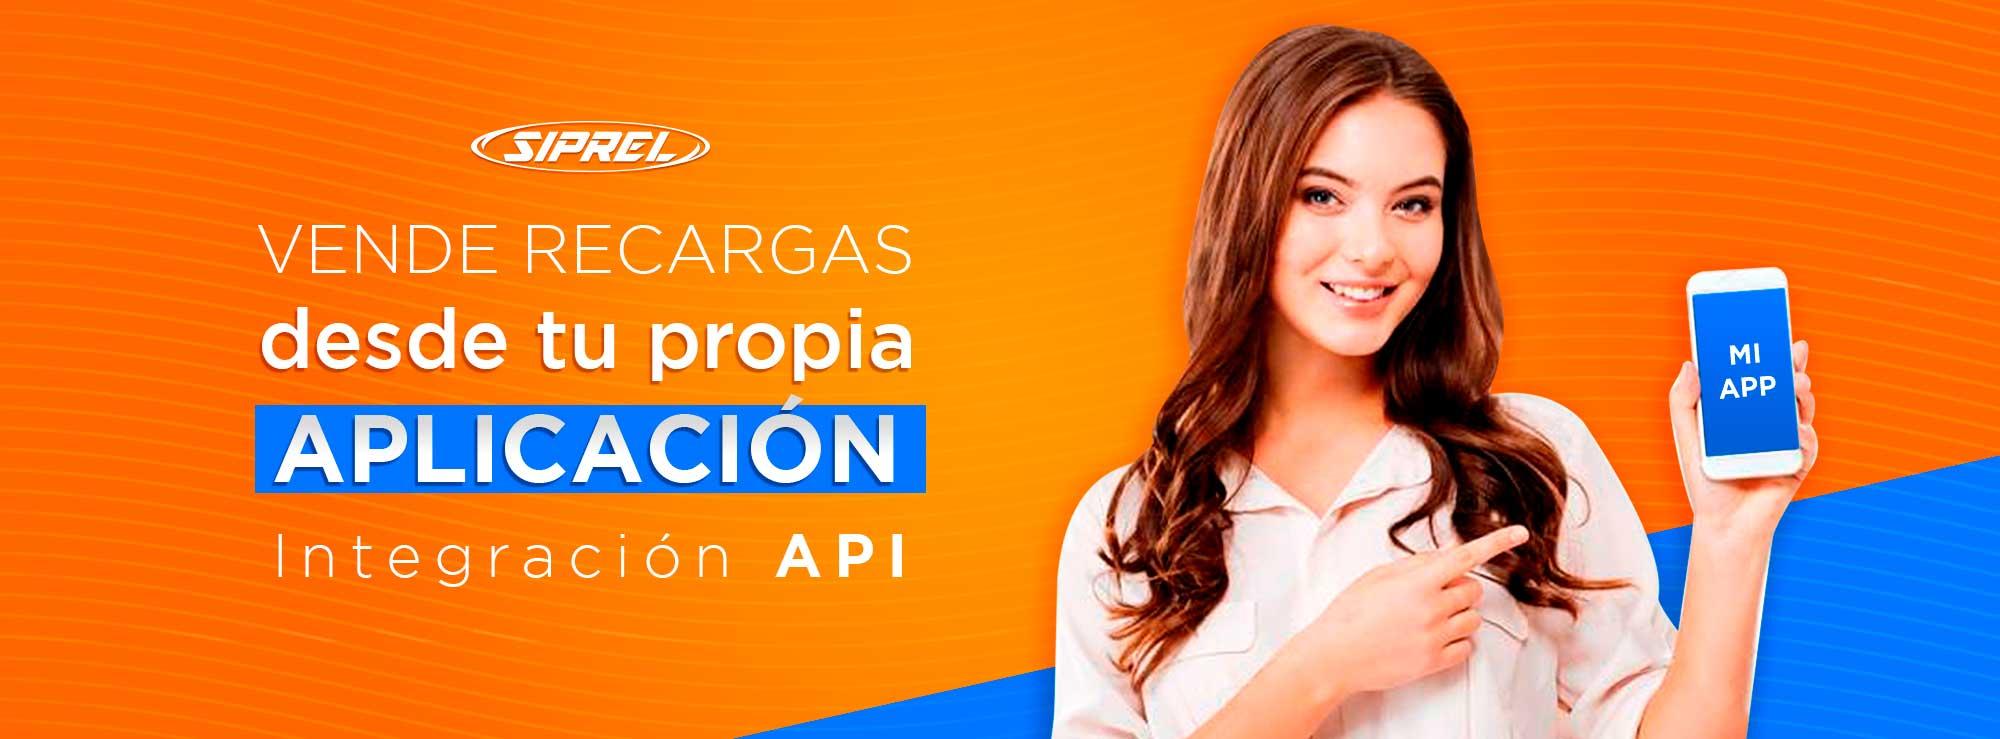 Quiero integrar recargas electrónicas a mi sistema, app, o punto de venta con API siprel.mx